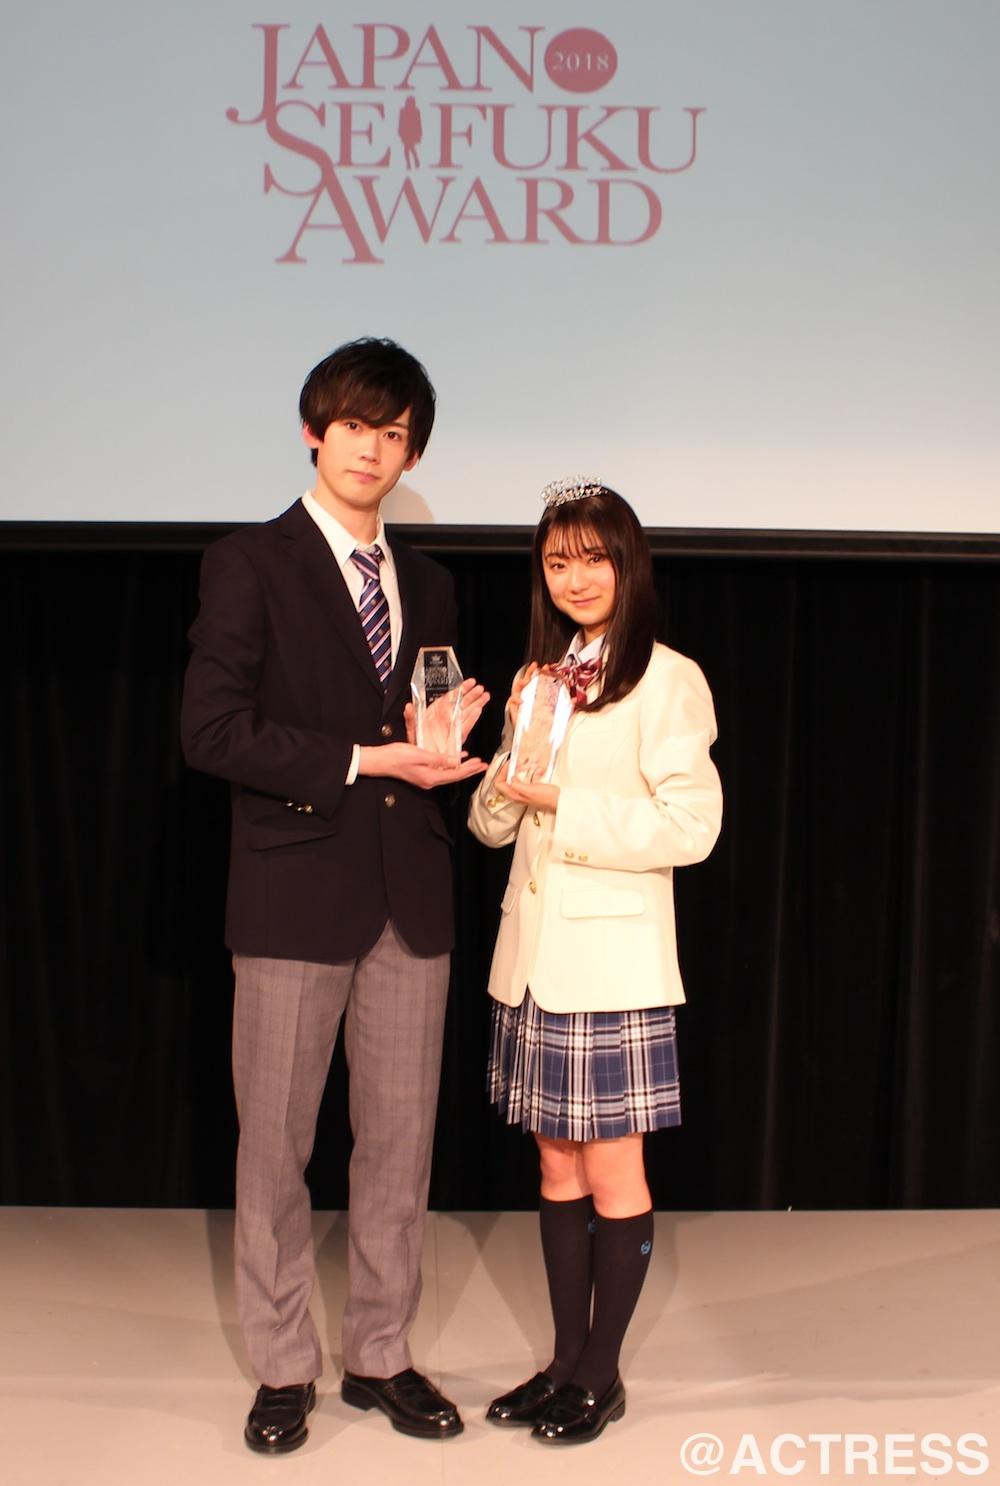 女子グランプリの齊藤英里と男子グランプリの織部典成「日本制服アワード」